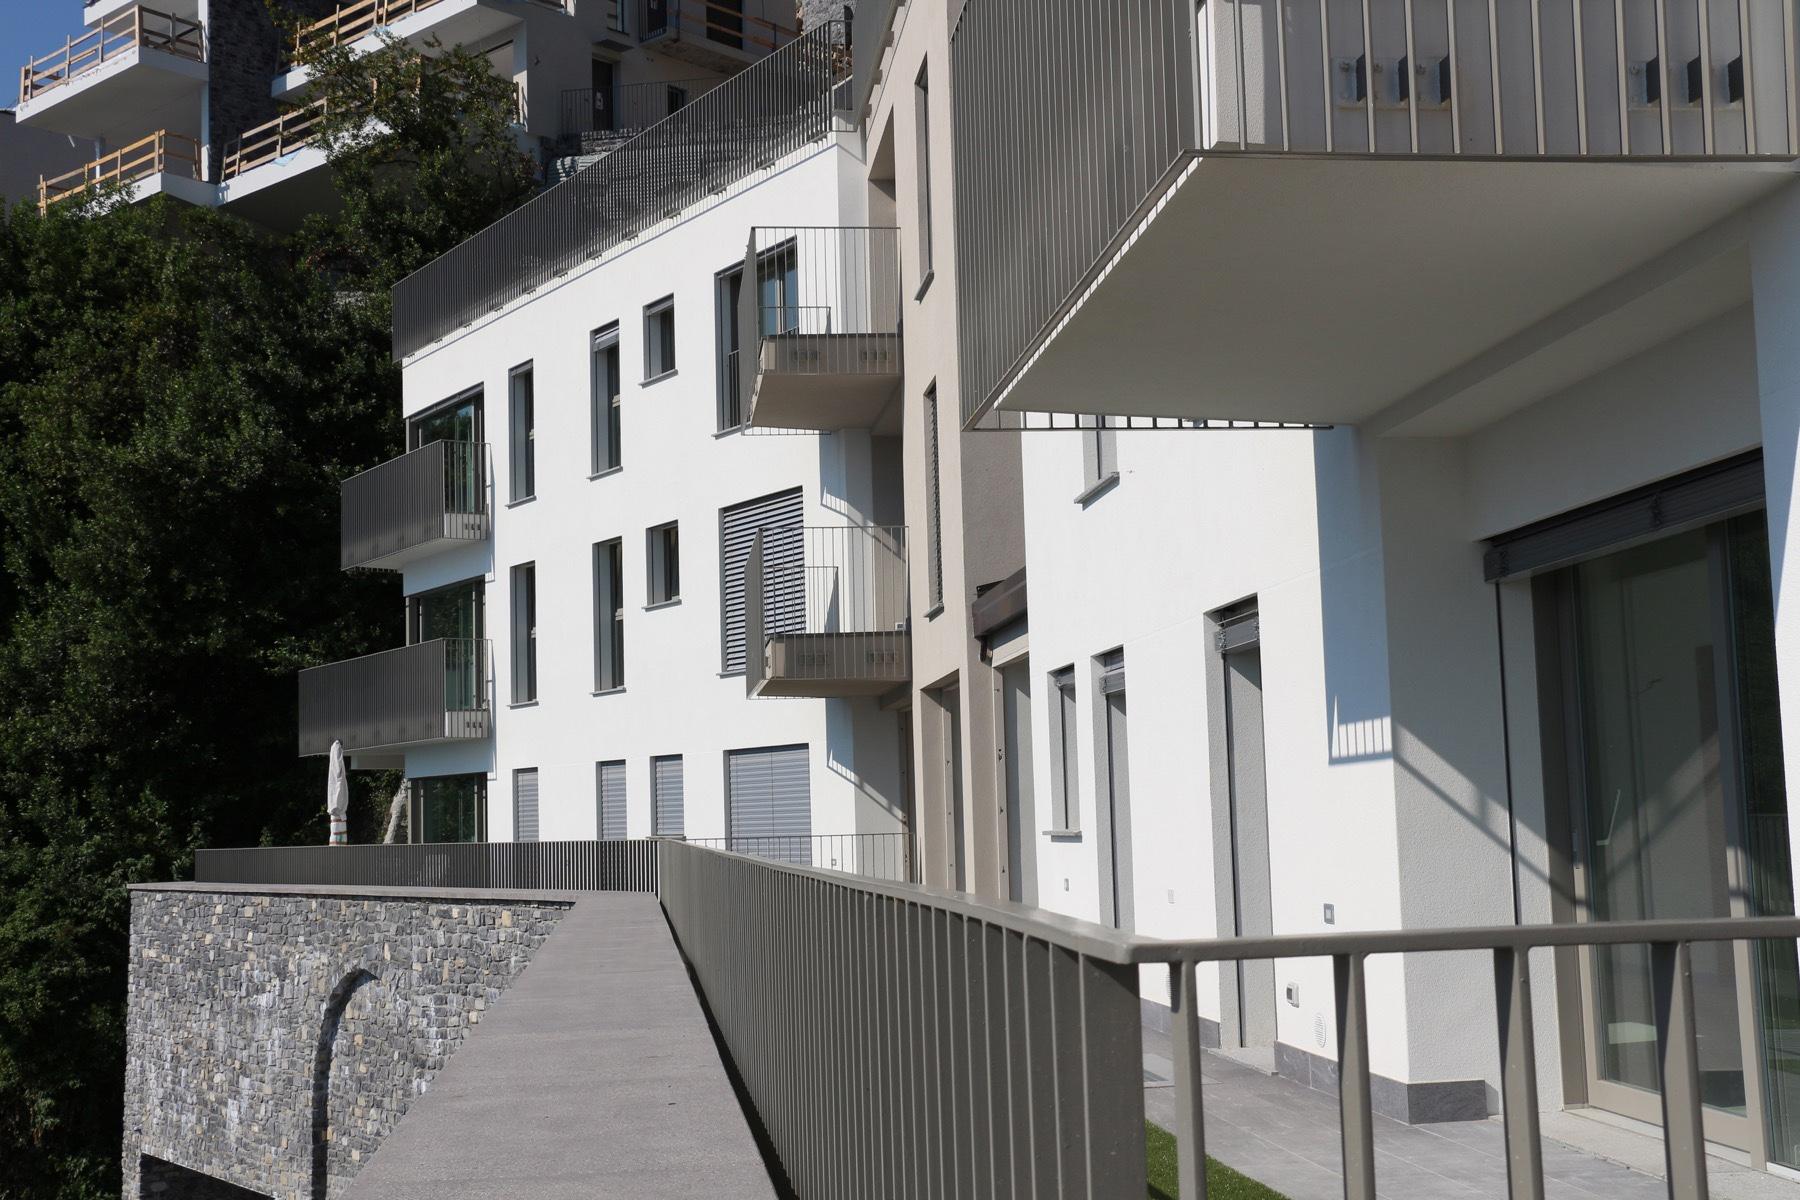 Attico in Vendita a Argegno: 5 locali, 135 mq - Foto 2